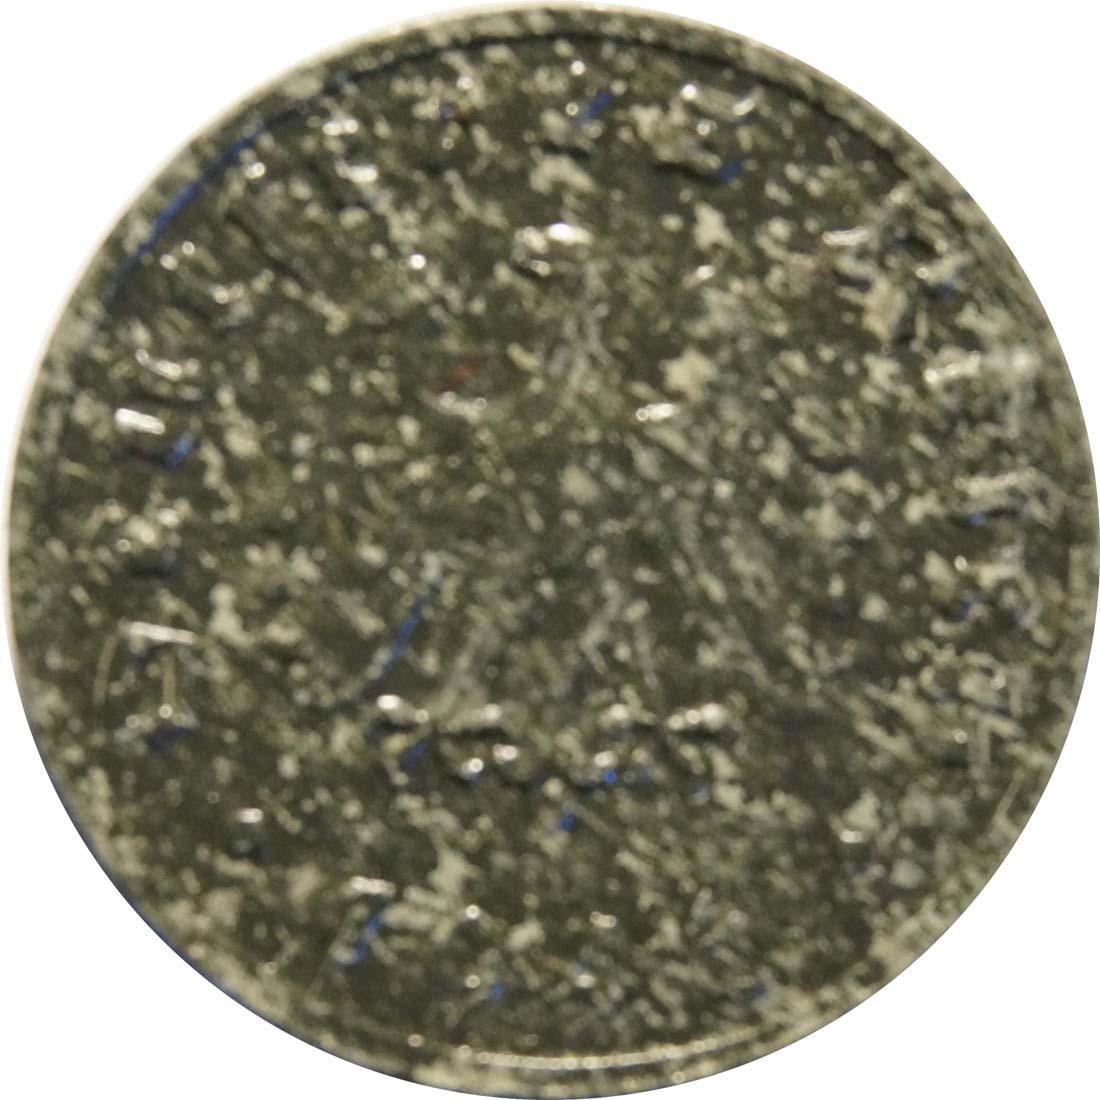 Rückseite:Deutschland : 1 Reichspfennig Alliierte Besetzung zaponiert, -selten- 1946 vz.